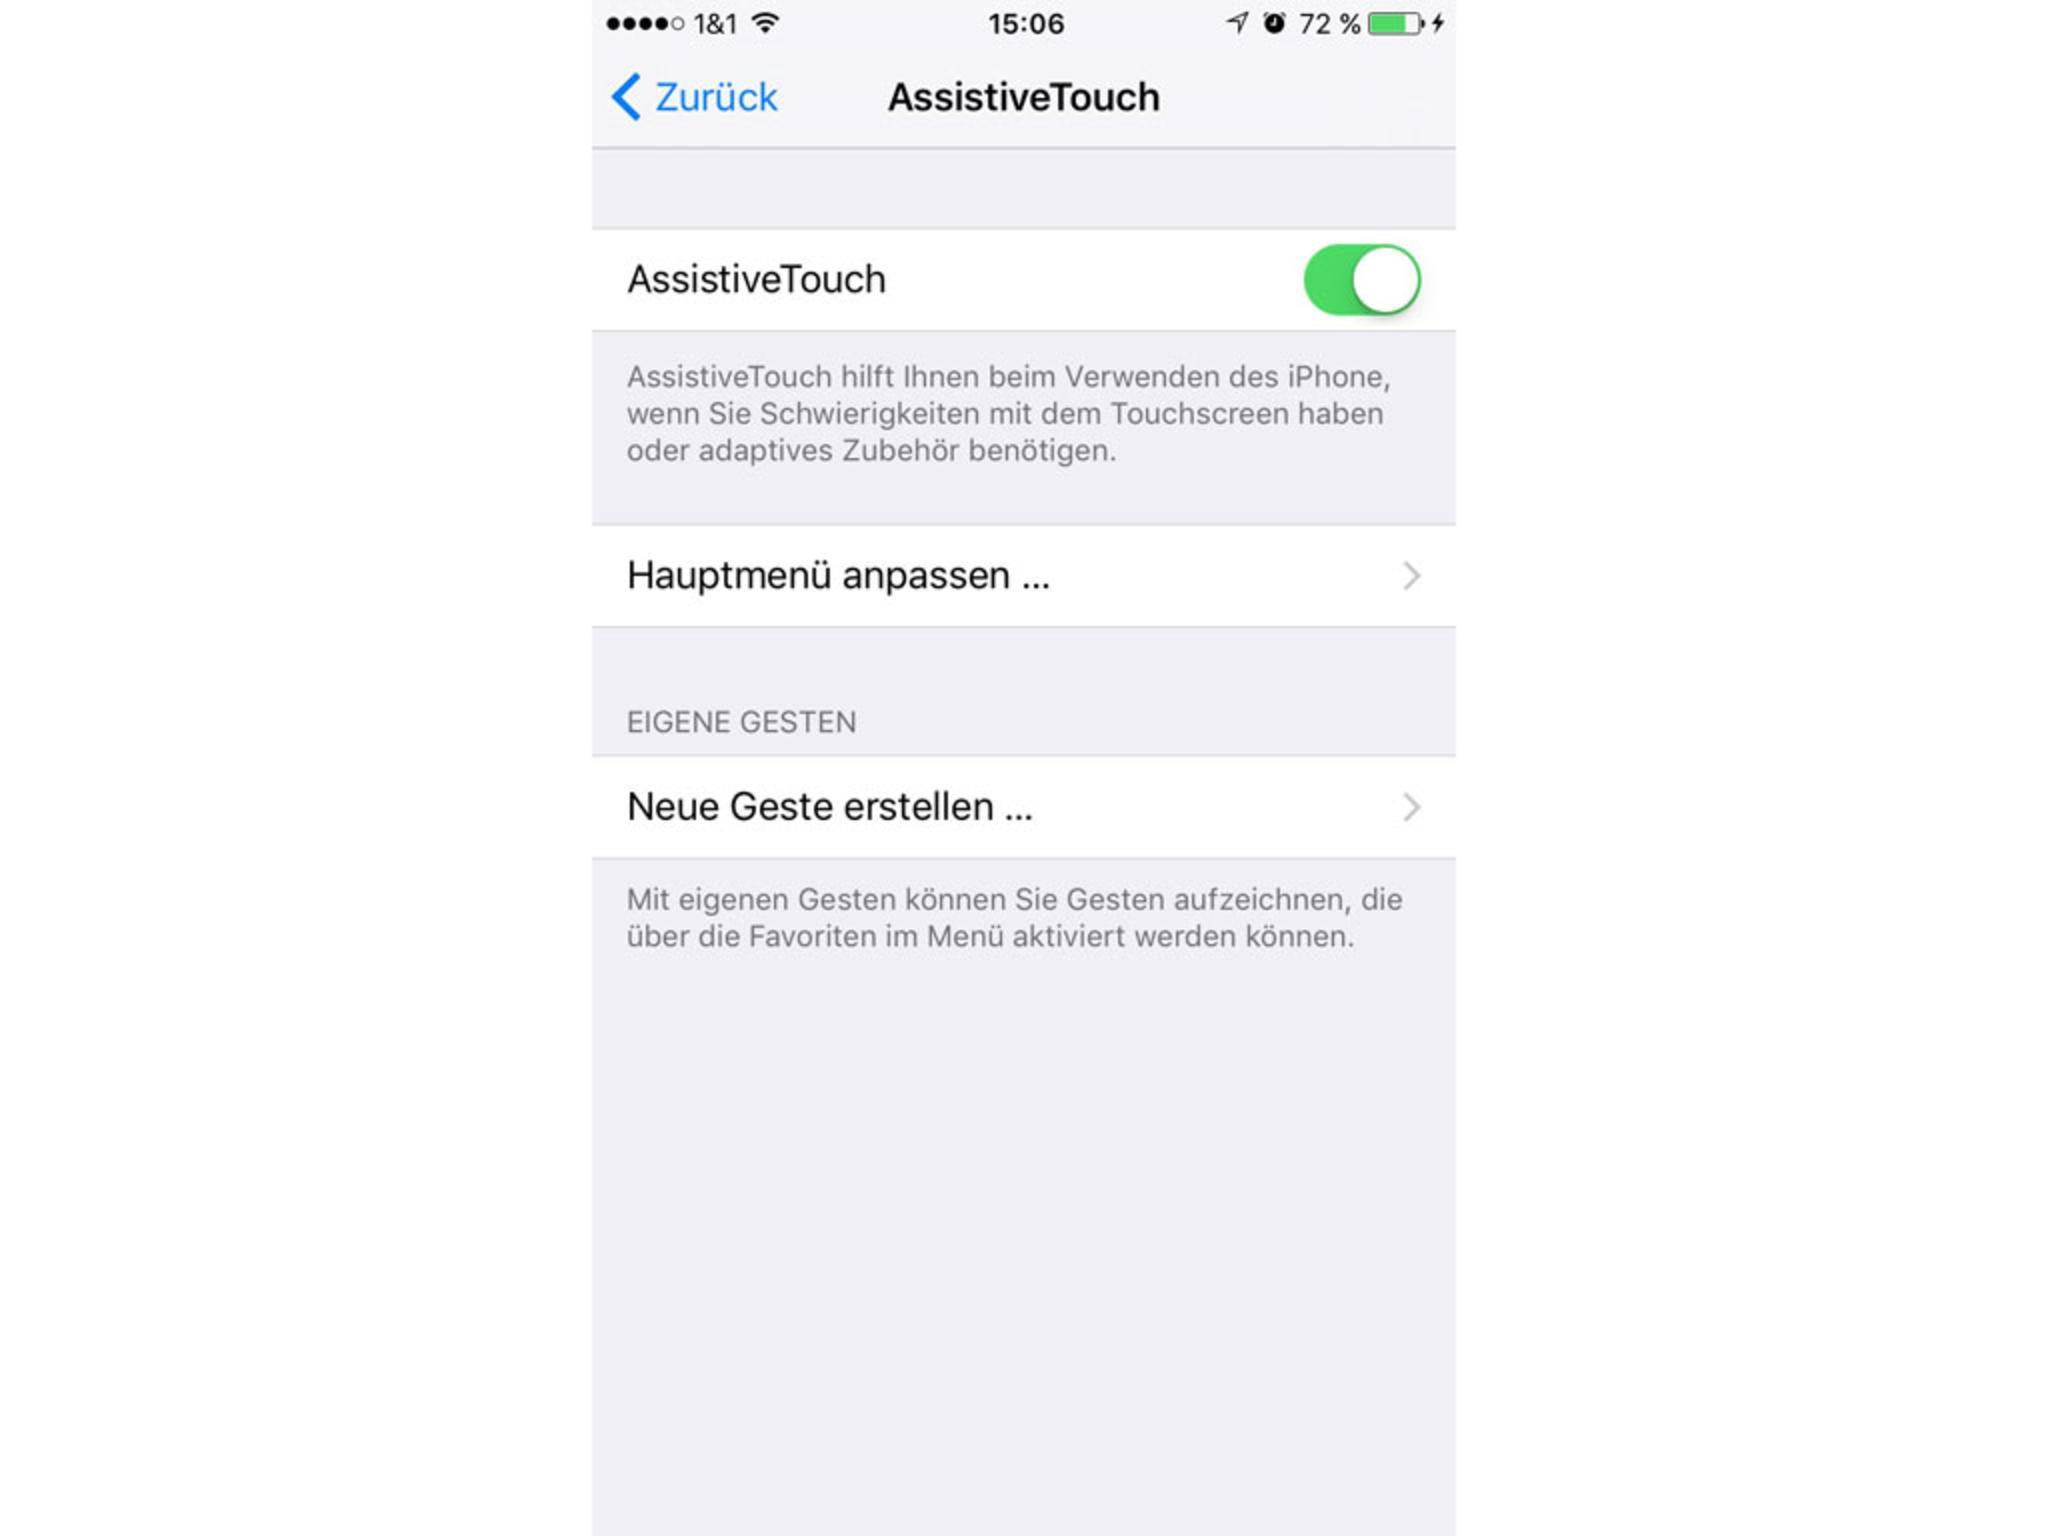 In den Einstellungen von iOS muss Assitive Touch aktiviert werden.